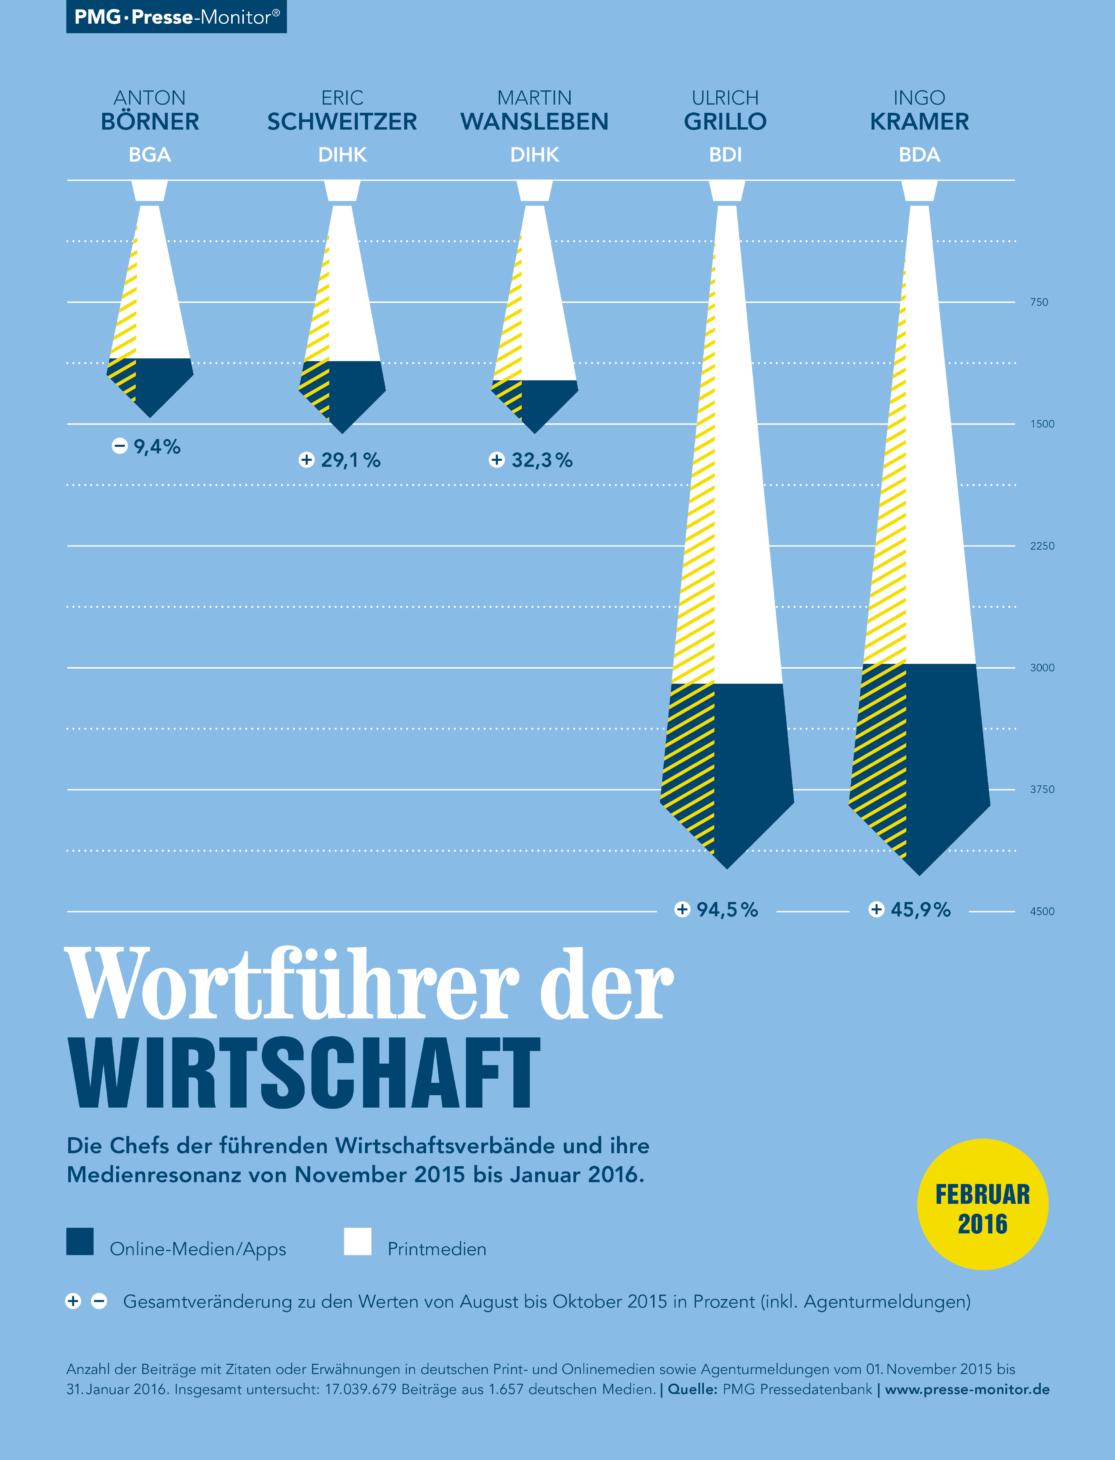 PMG Ranking: Wortführer der Wirtschaft. Ingo Kramer, Ulrich Grillo, Martin Wansleben, Eric Schweitzer, Anton Börner | Februar 2016